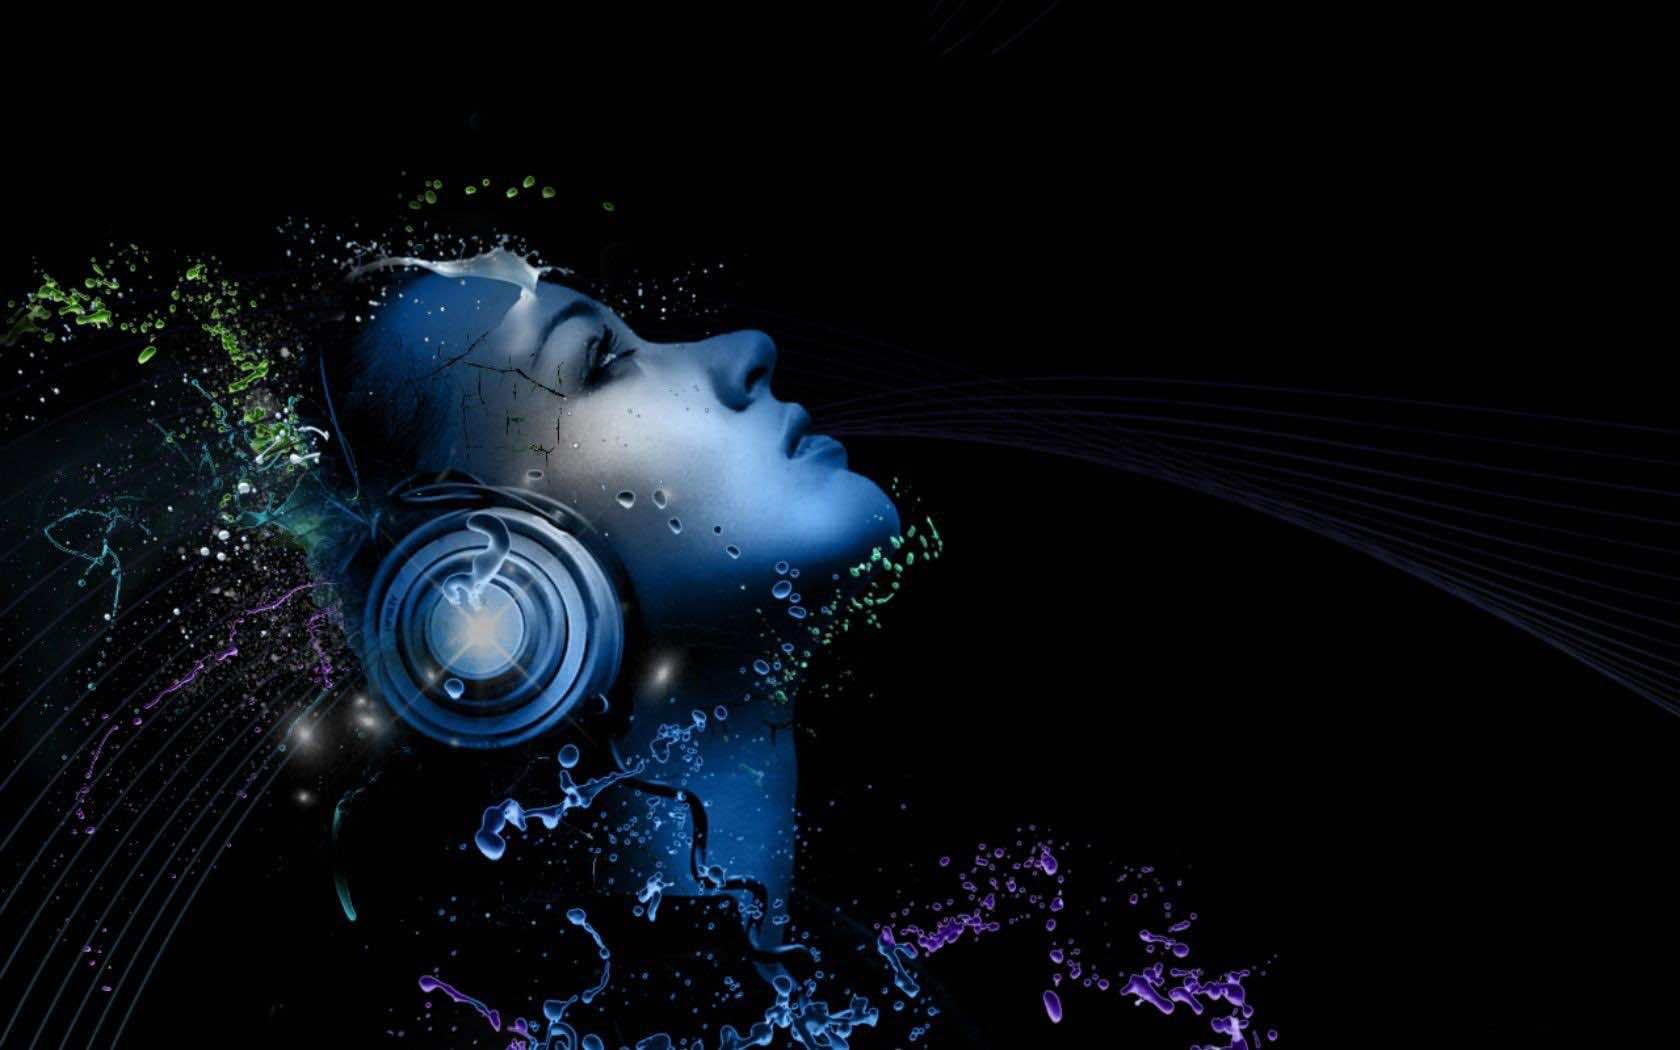 technology hd desktop tech backgrounds wallpapers music headphones dj